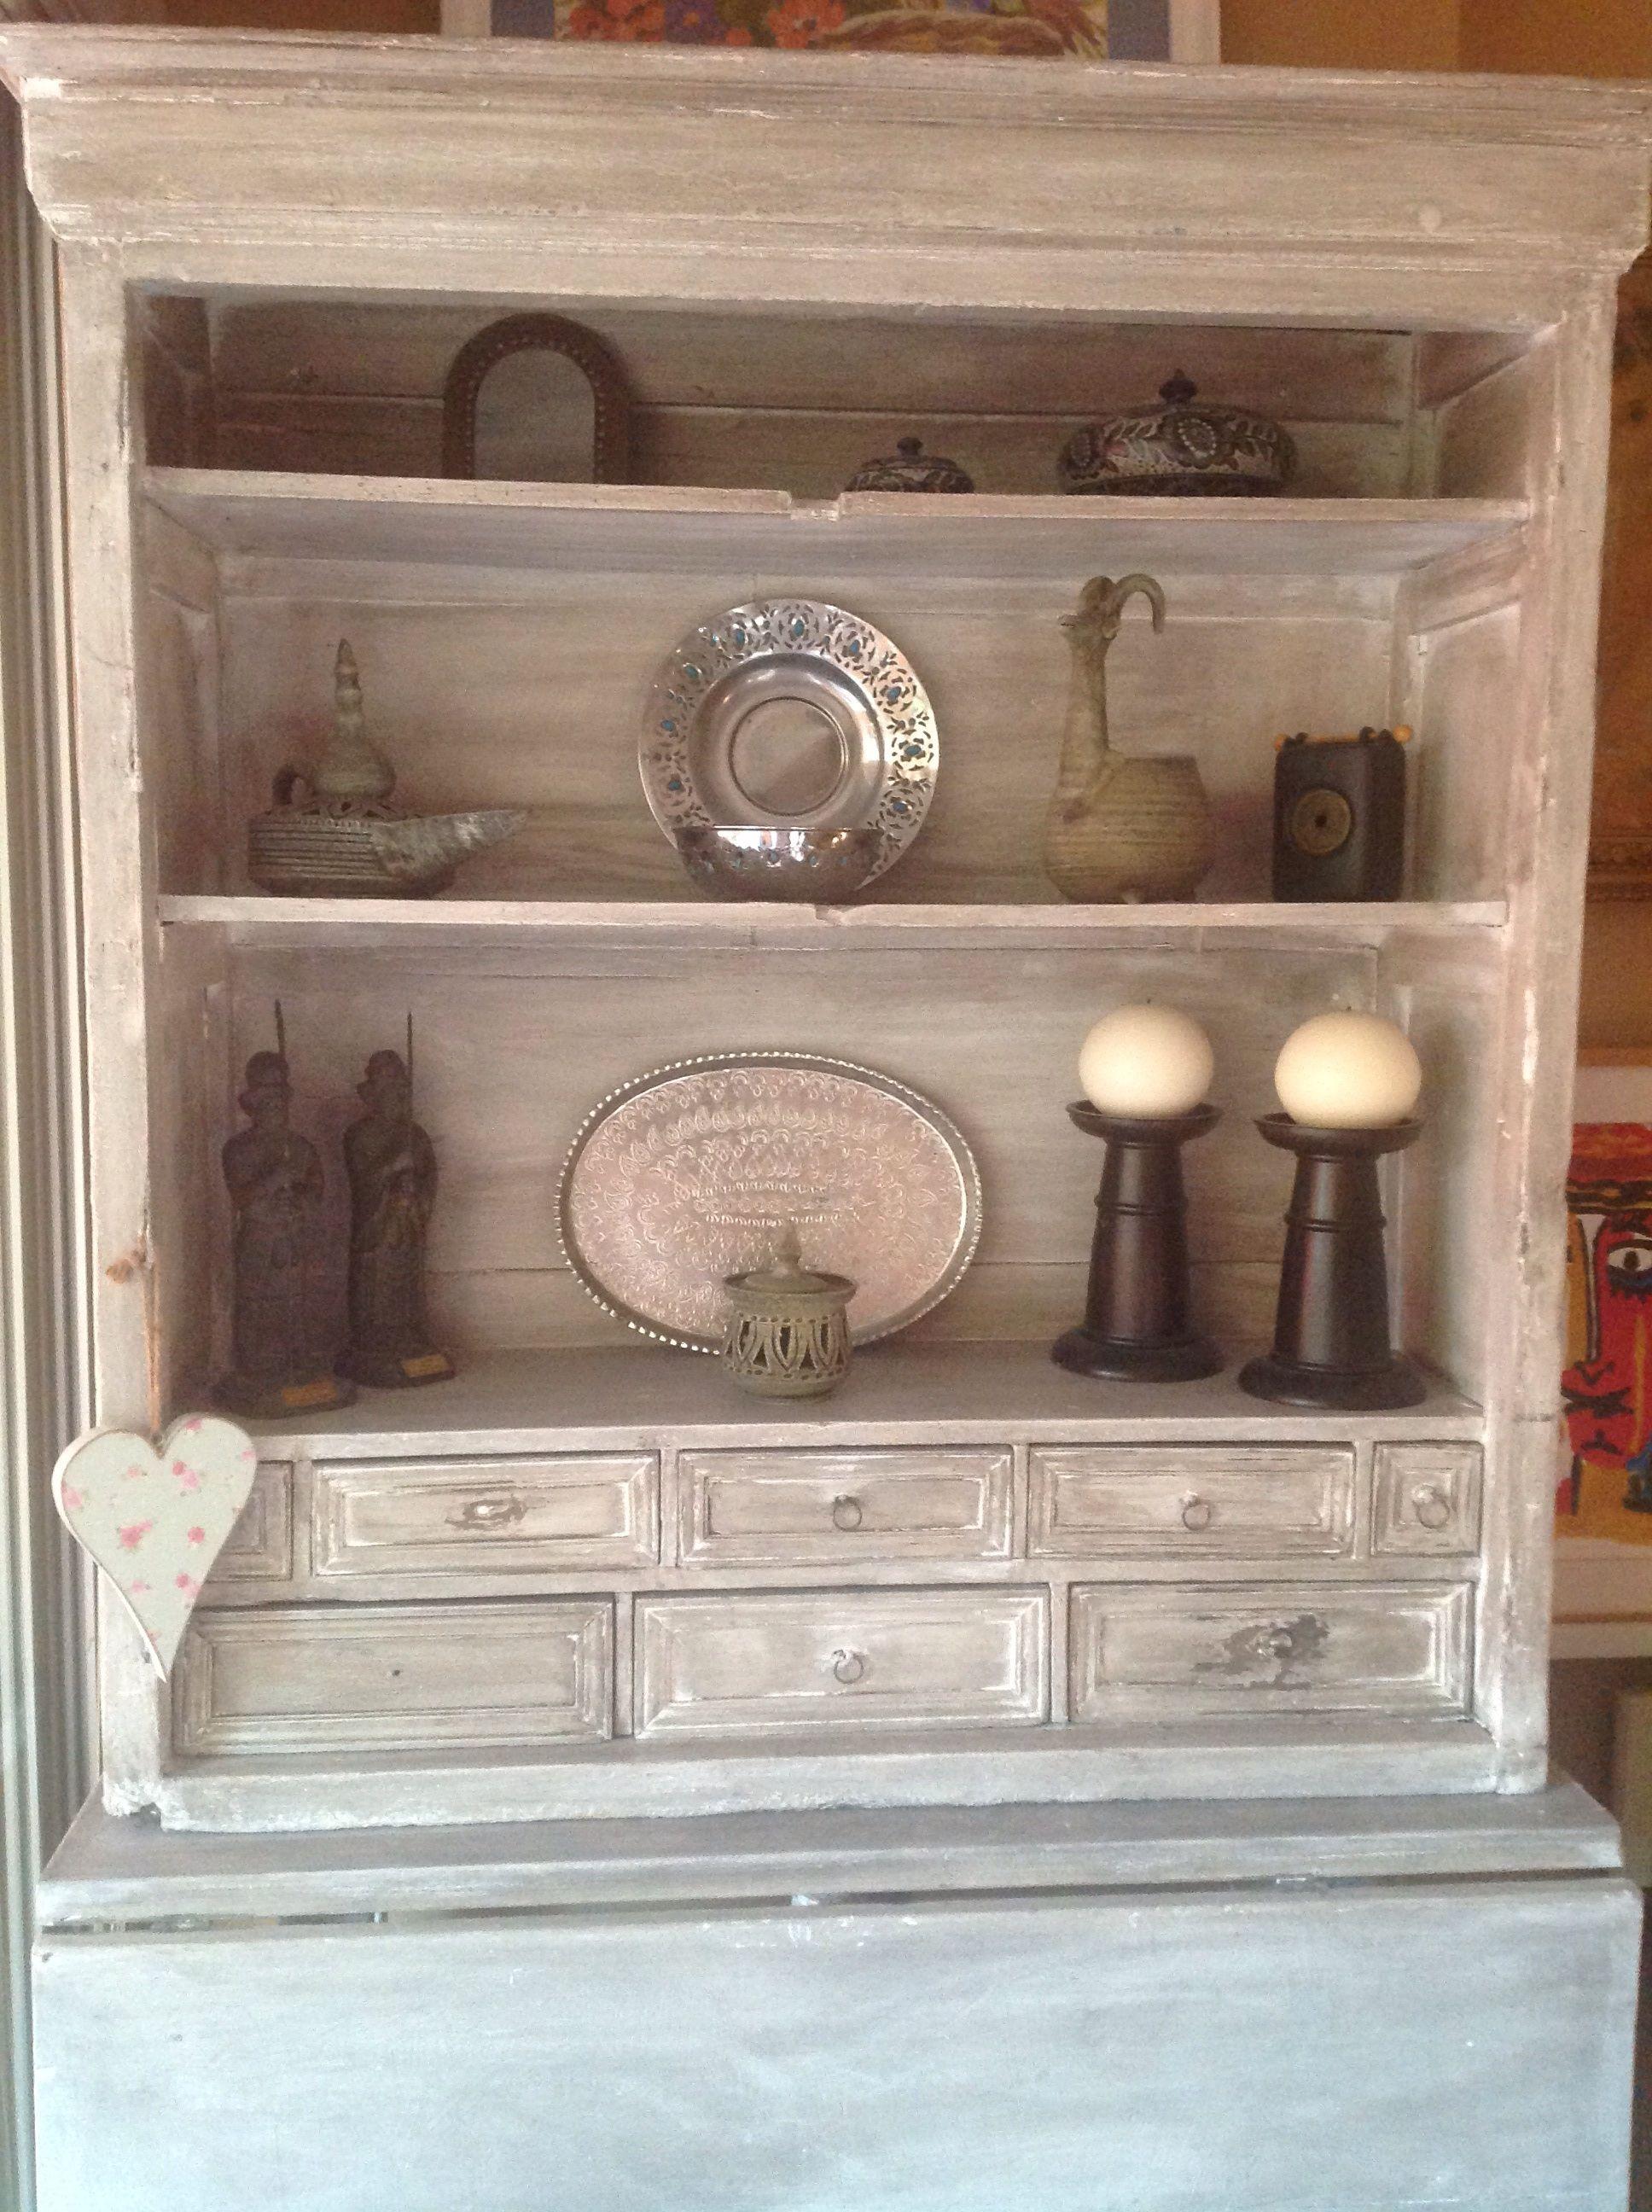 Reciclar mueble antiguo con pintura a la tiza pintura a for Muebles pintados a la tiza